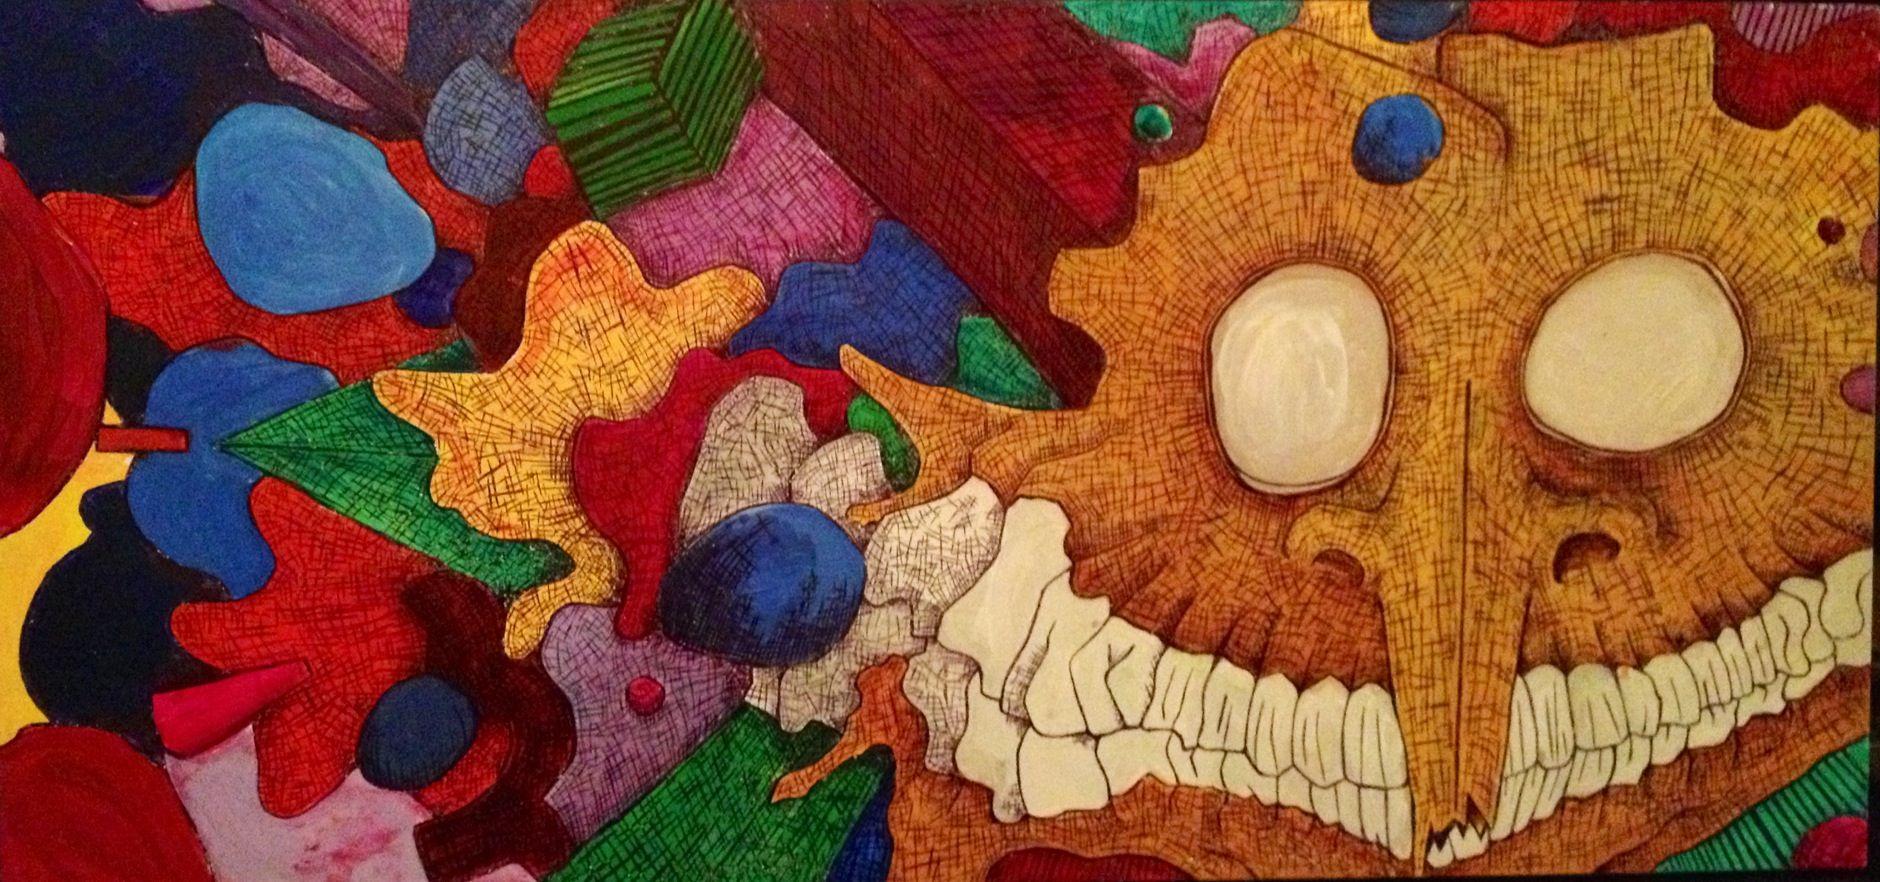 Richie Steenken ; psychedelic art